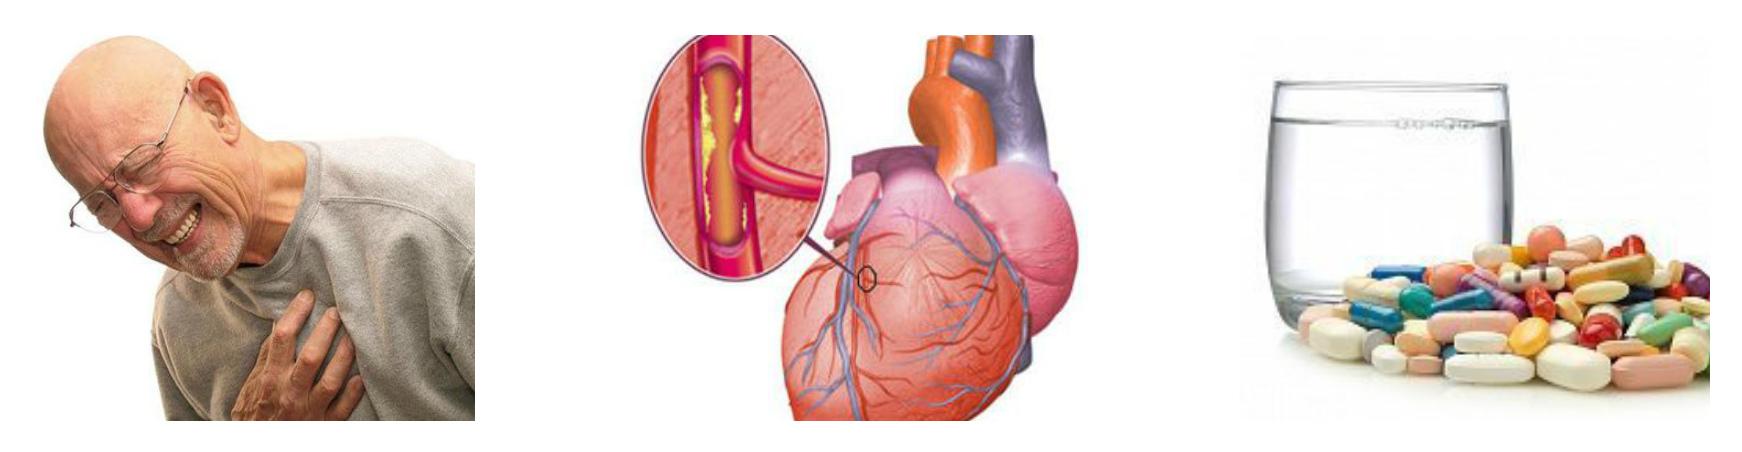 Ишемической болезнь сердца и статины